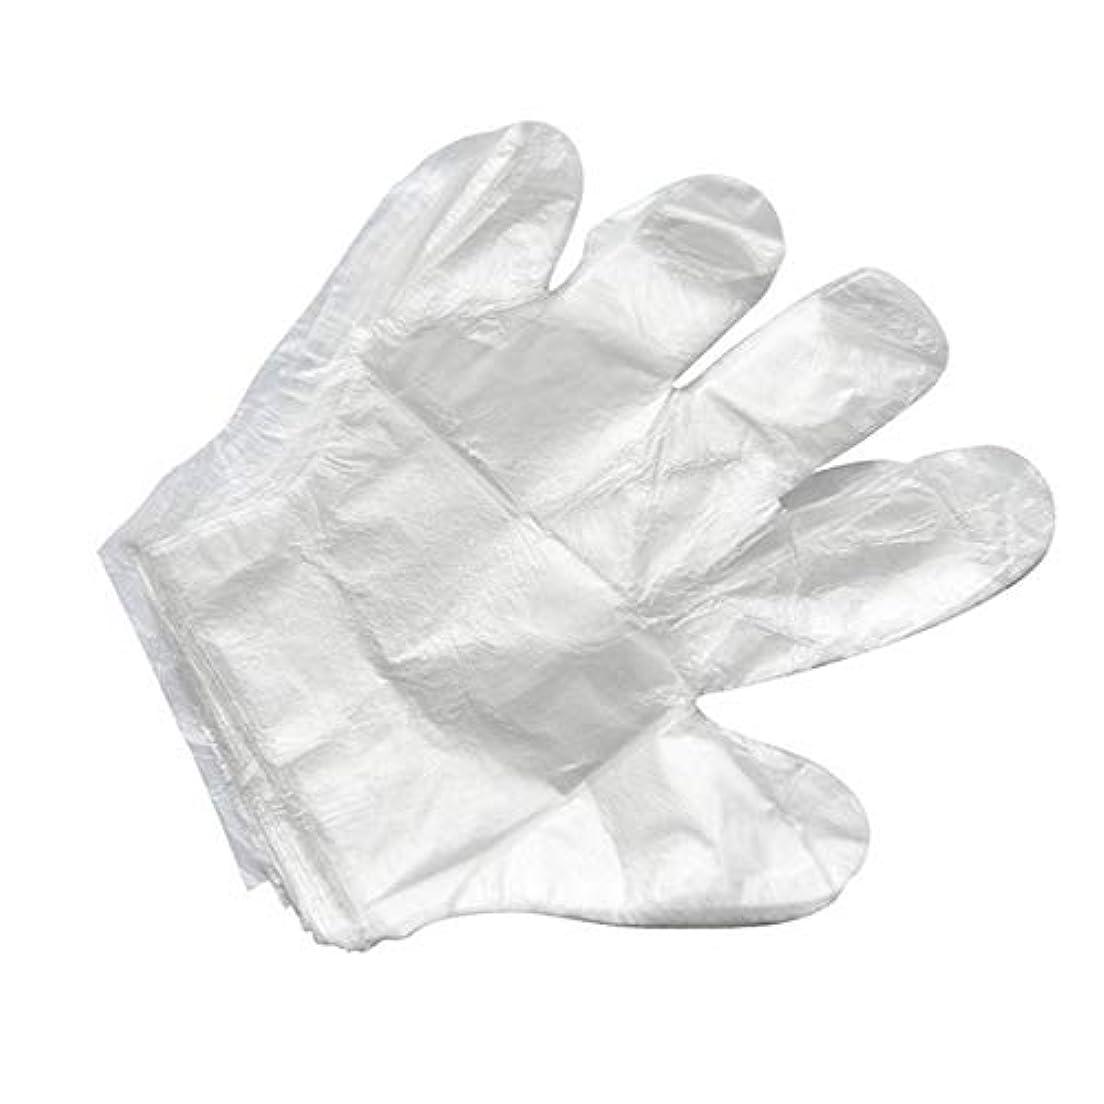 信じられないコモランマパキスタン使い捨て手袋バーベキューアクセサリー高度なキャスティング手袋使い捨てケータリングDIYクリーニングヘアダイ食品グレードプラスチック手袋(2000)透明のみ